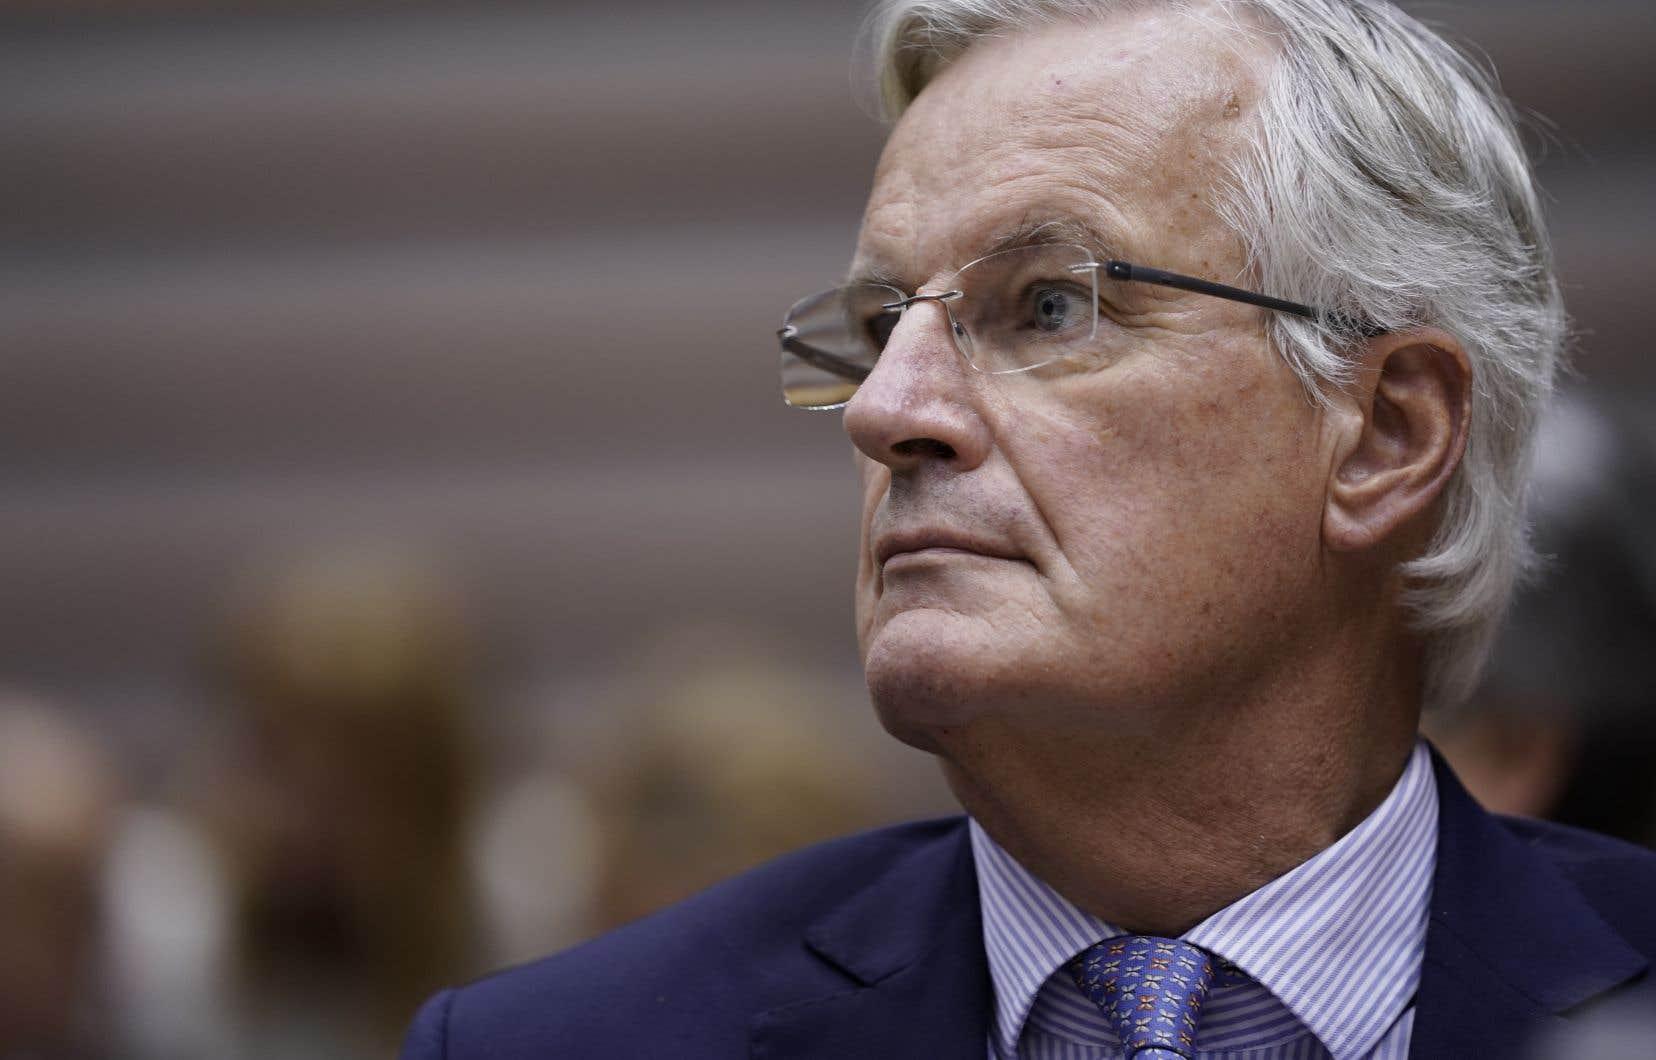 «Au moment où je vous parle, nous ne sommes pas au point d'envisager et de trouver un accord. [...]Pourtant le temps presse», a déclaré M.Barnier devant le Parlement européen.